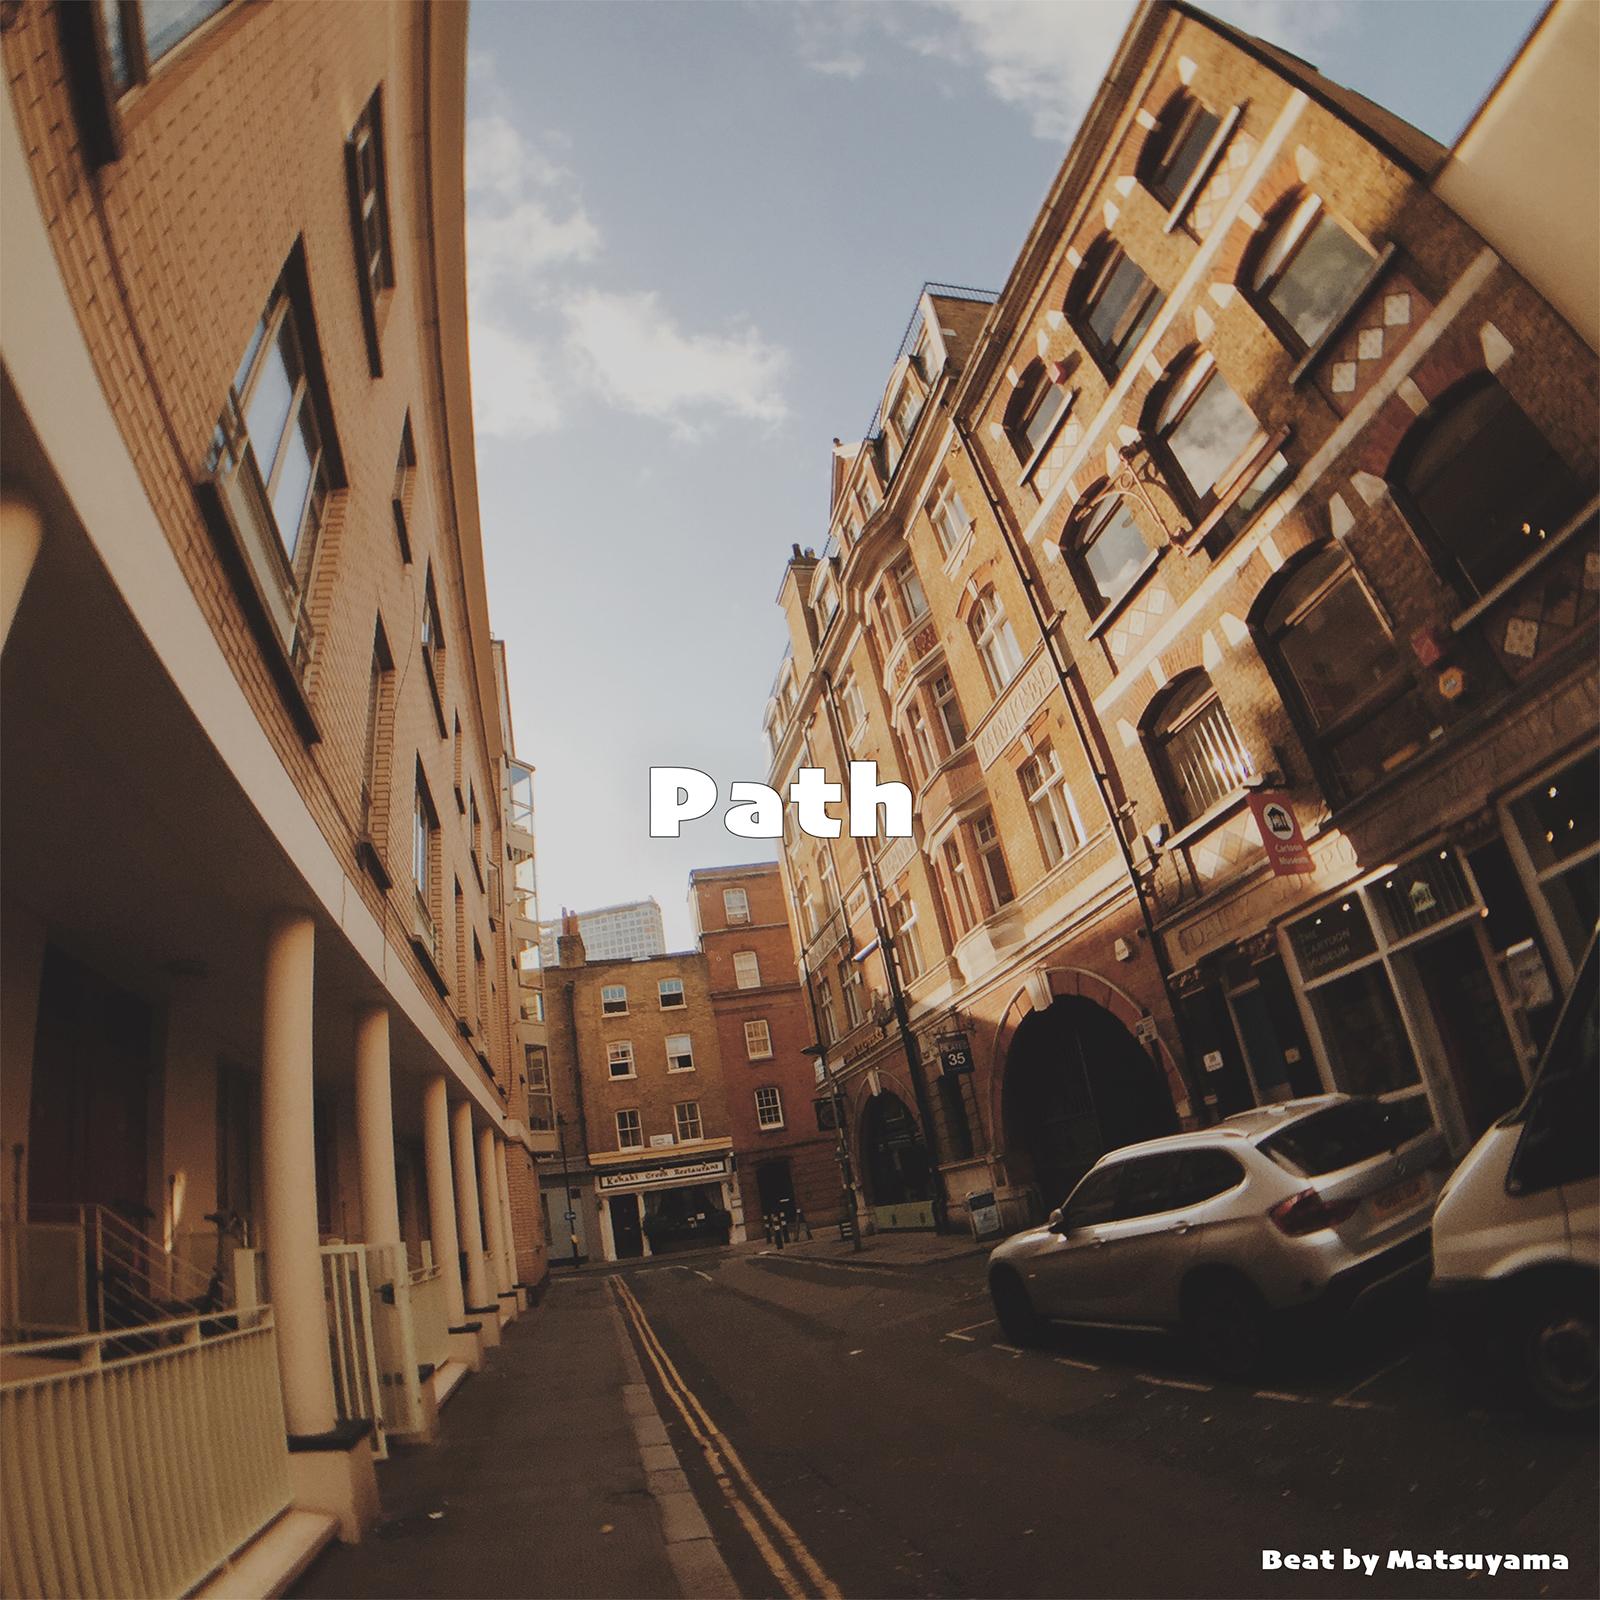 beat tape vol.38 / Path - Beat by Matsuyama